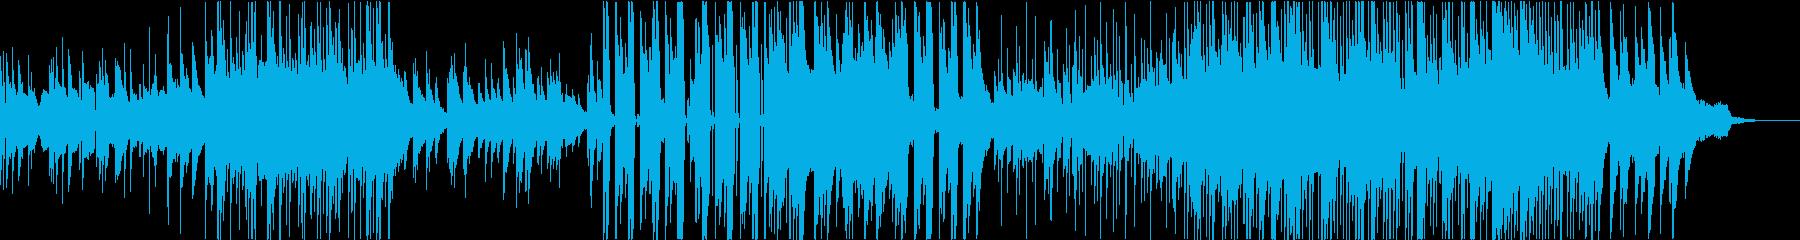 ピアノとバイオリンの優しいエンディングの再生済みの波形